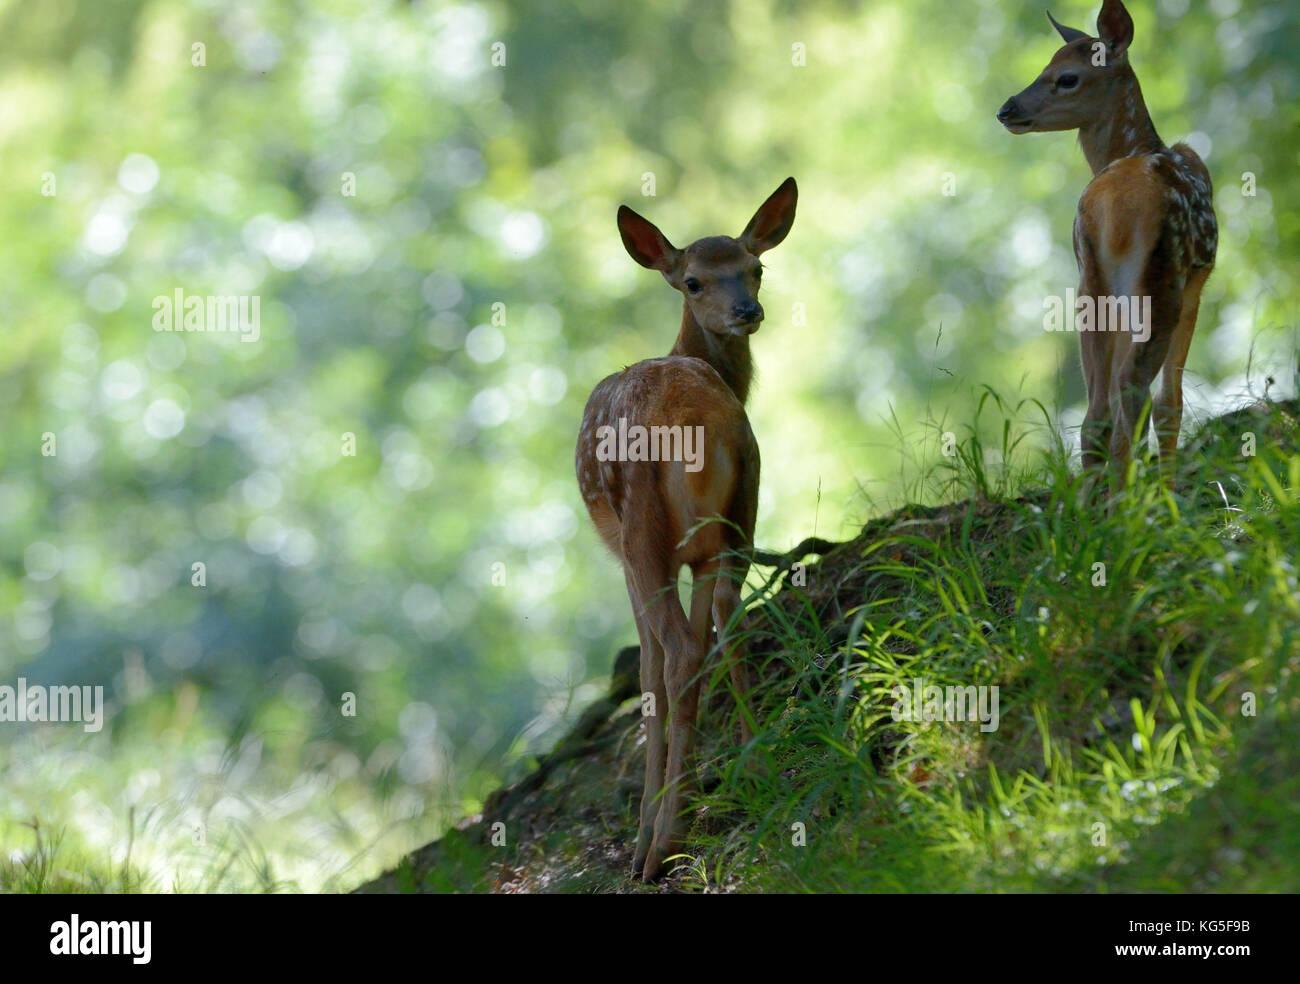 Red deer, Cervus elaphus, fawns, forest, - Stock Image